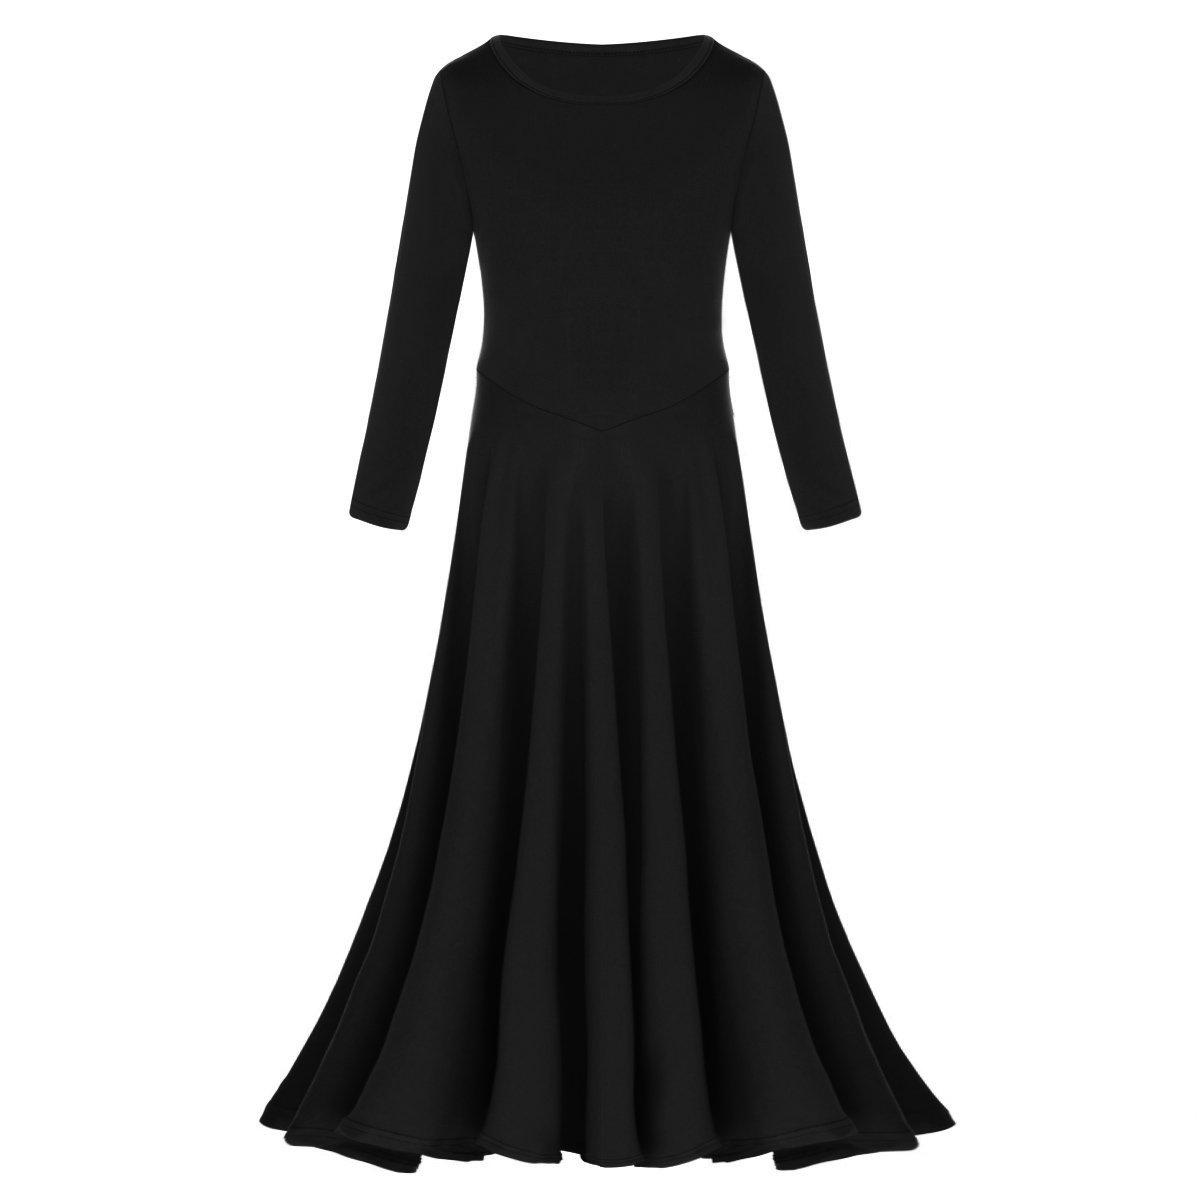 【最安値挑戦!】 OBEEII DRESS ガールズ DRESS B07B95NX9B 13-14 13-14 Years|ブラック ブラック ガールズ 13-14 Years, 天白区:3316d531 --- a0267596.xsph.ru